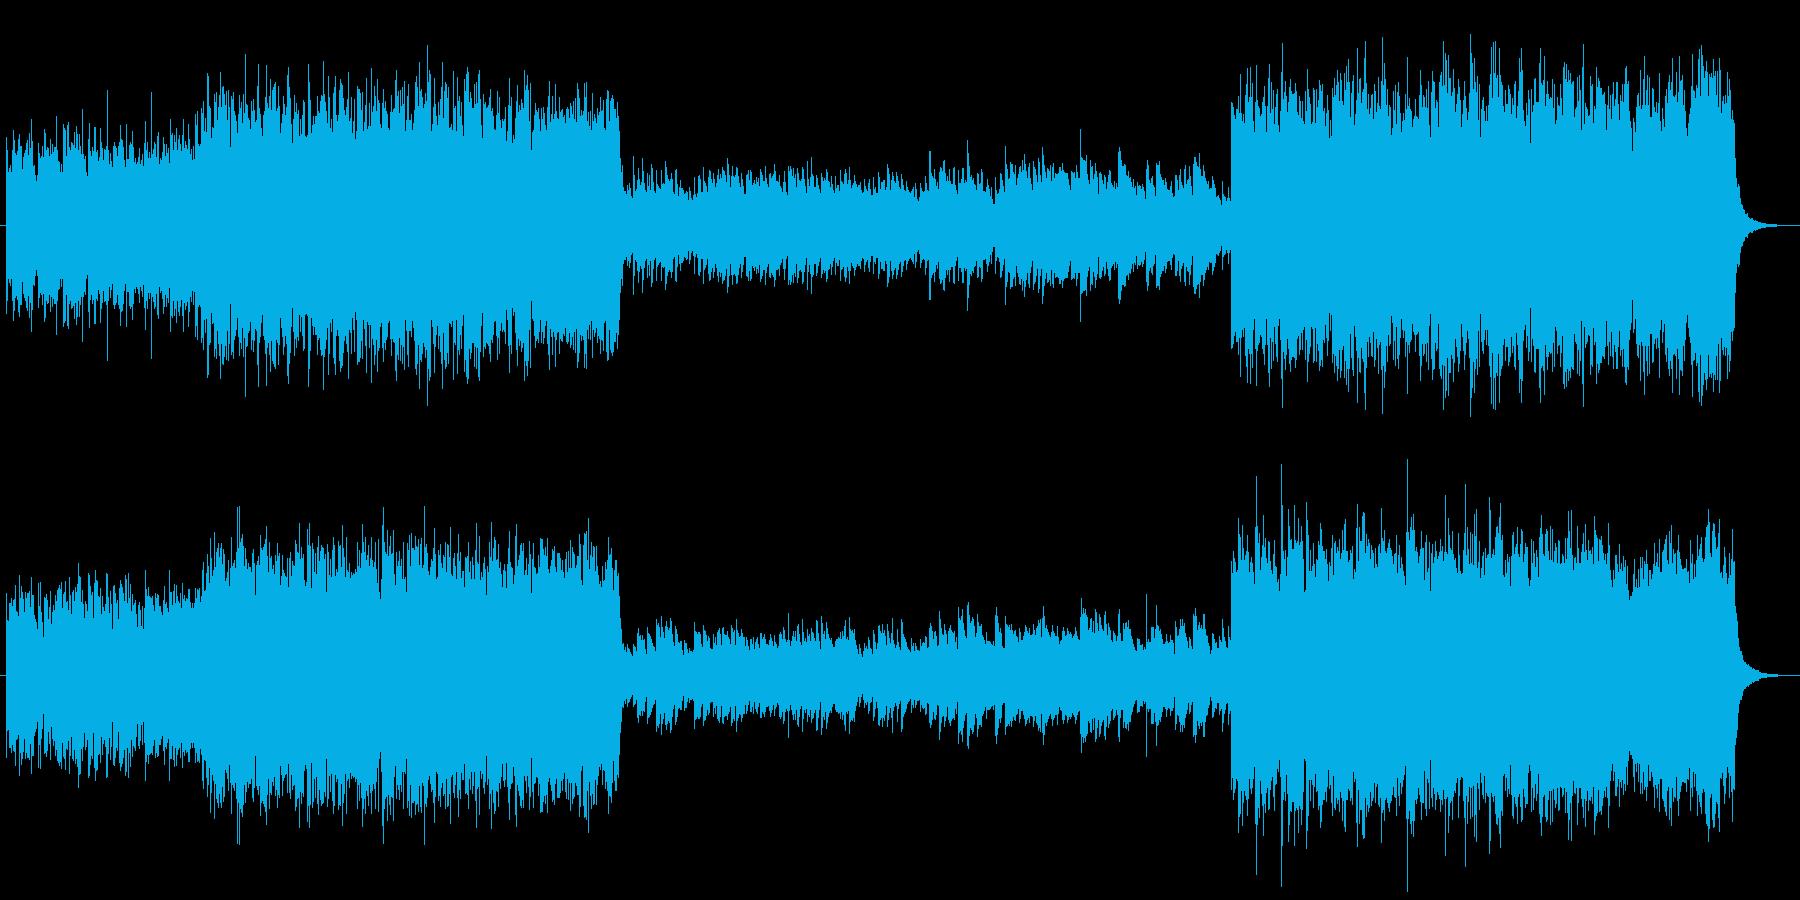 哀愁のあるピアノとストリングスの曲の再生済みの波形